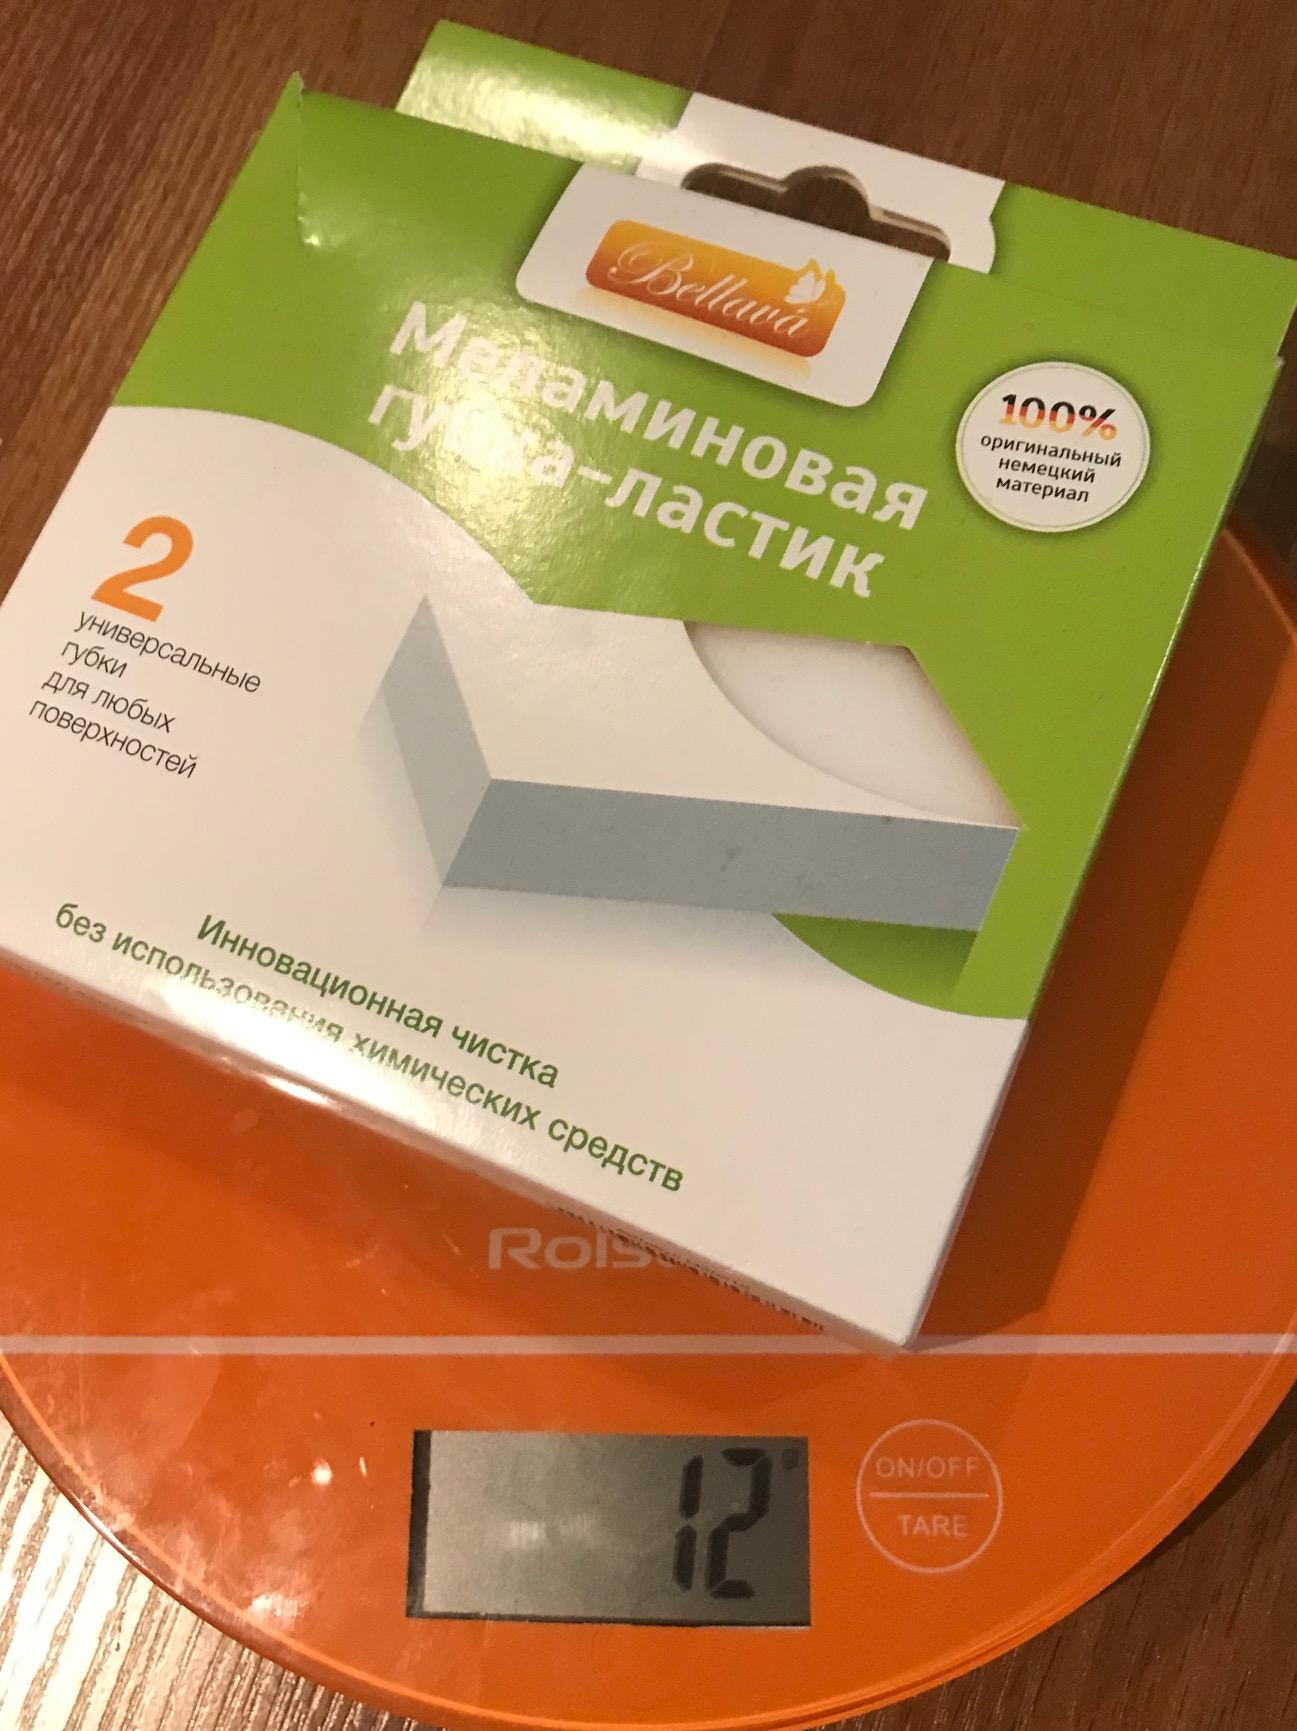 вес меламиновой губки